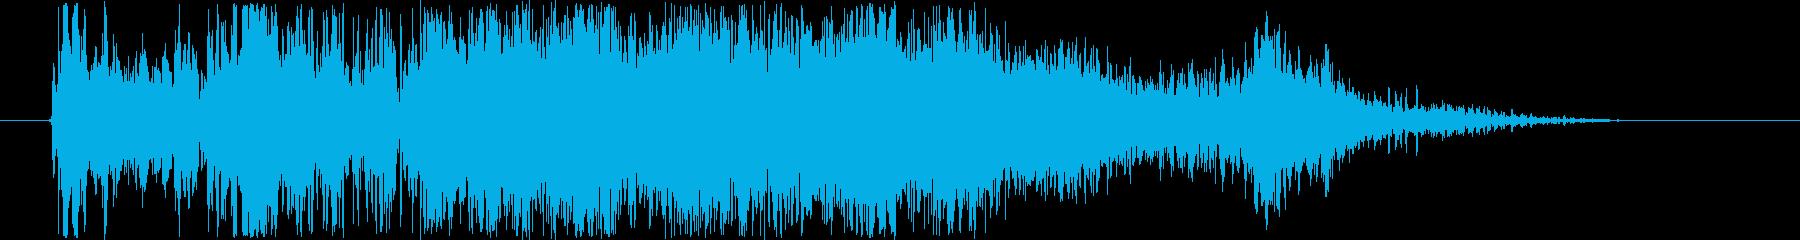 SCI FI 戦利品を集める01の再生済みの波形